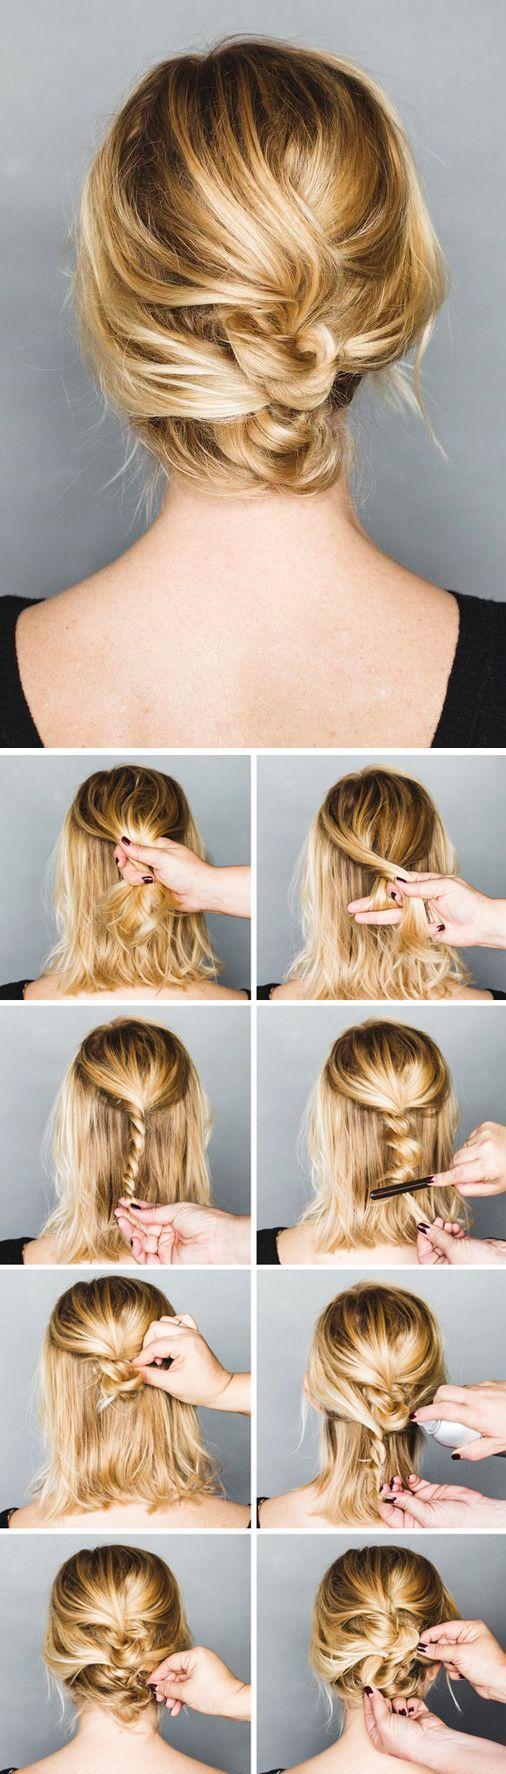 TRENZA PARA CABELLO CORTO - 10 Sencillos Peinados Para Cabello Corto